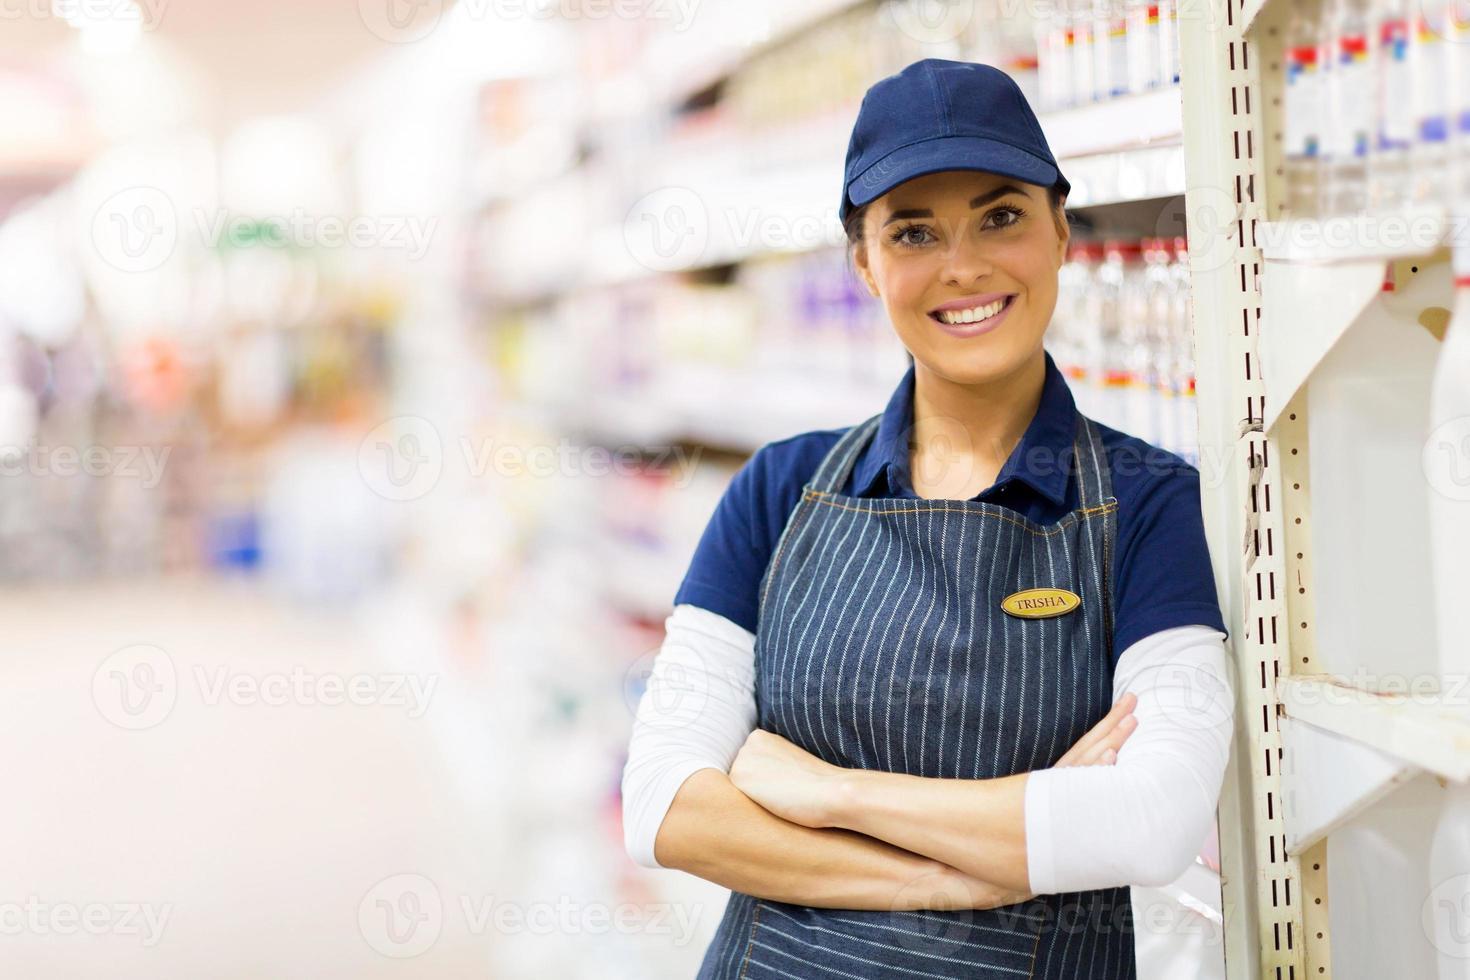 asistente de tienda de supermercado femenino foto